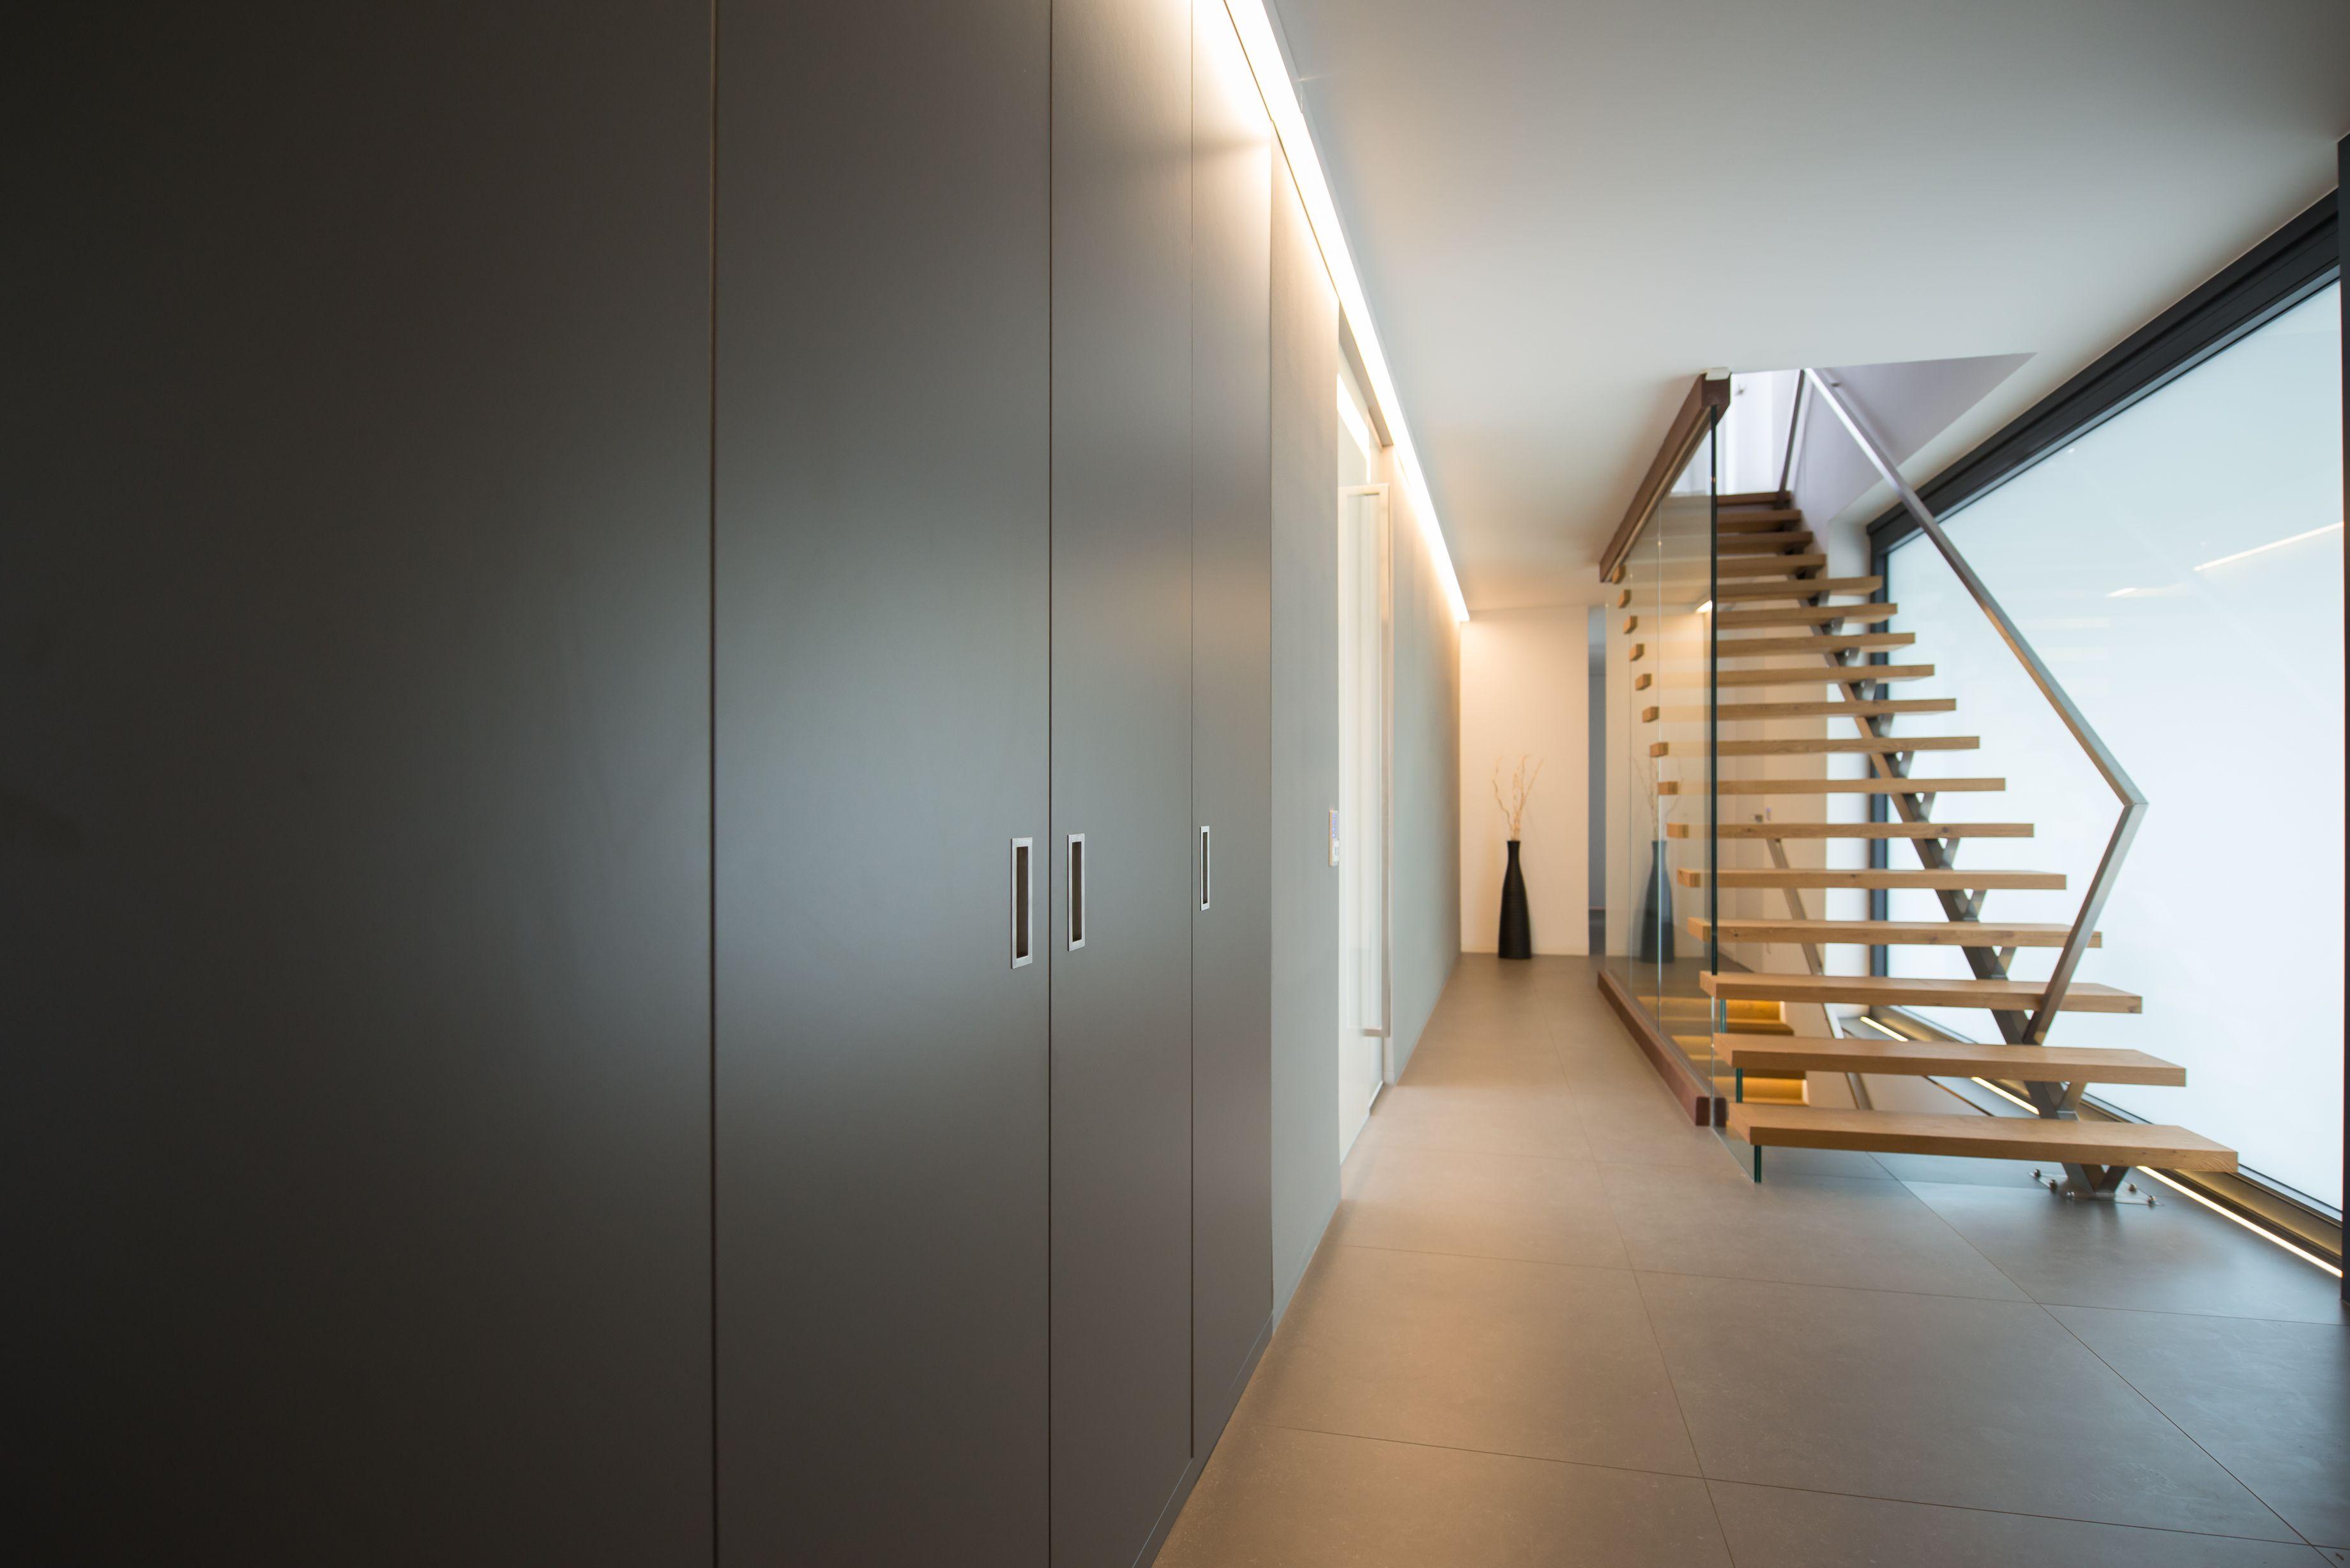 Minimalistische design treppe in moderner architektenvilla